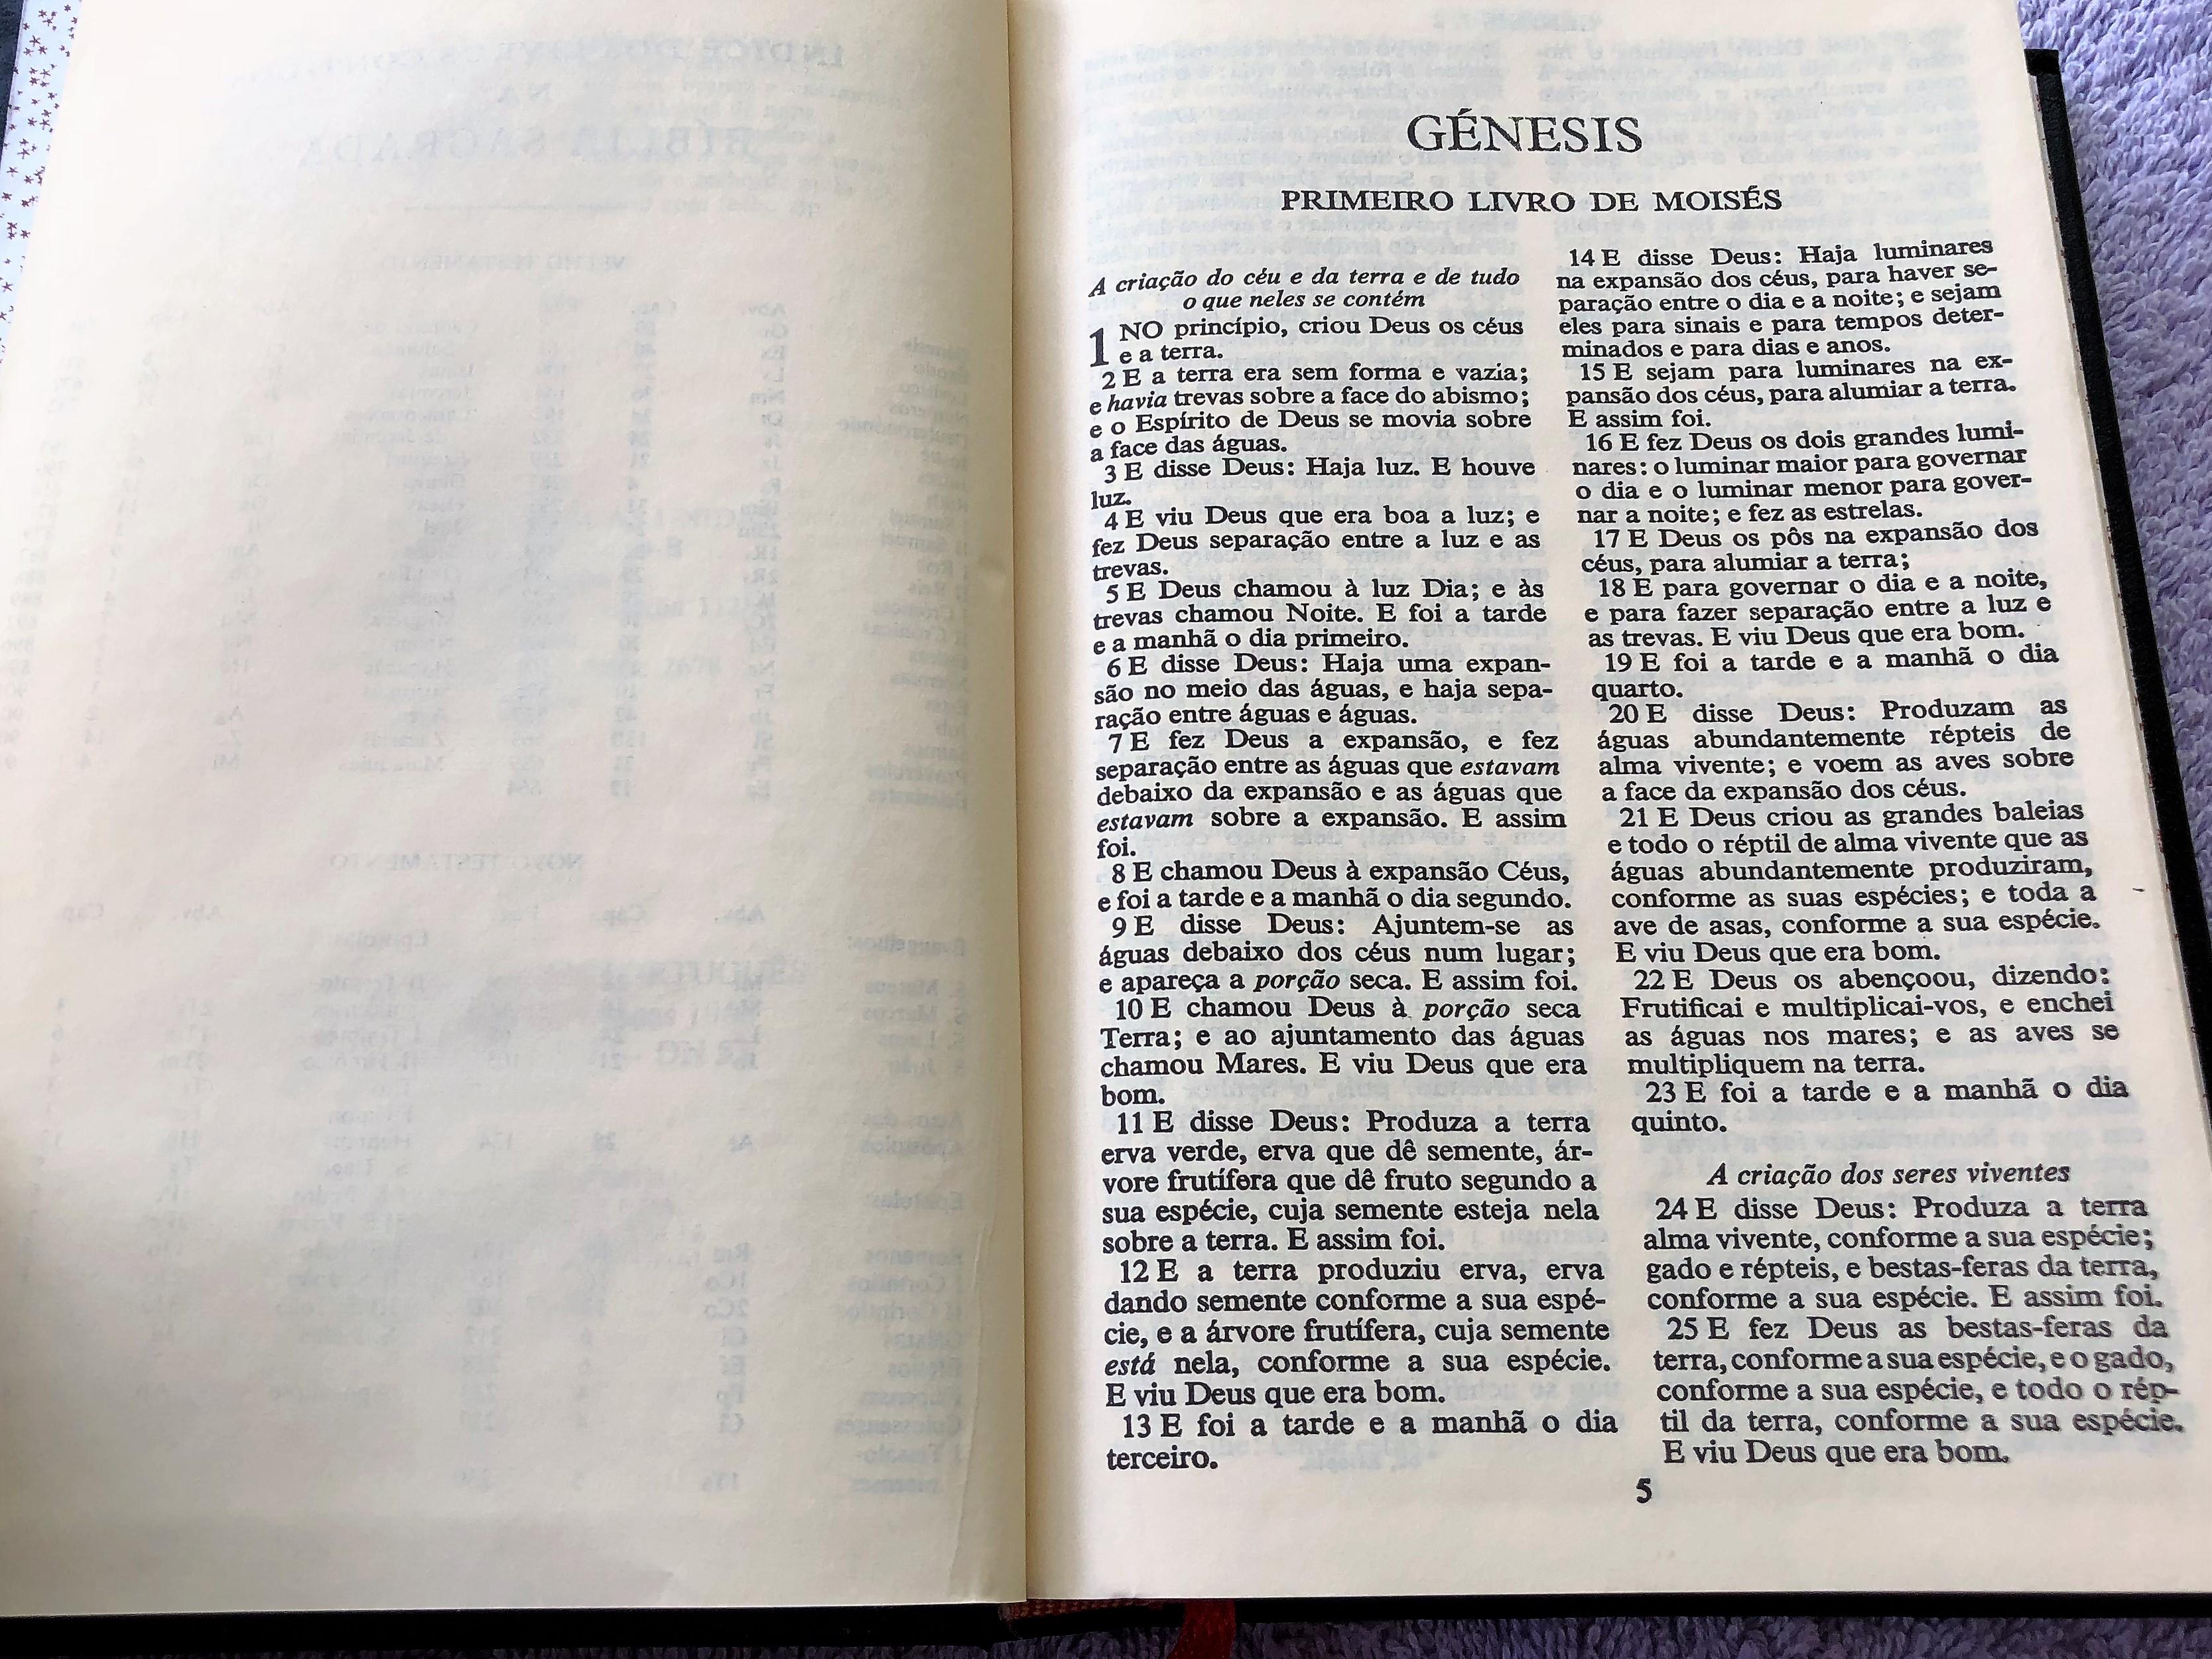 european-portuguese-bible-a-biblia-sagrada-8-.jpg